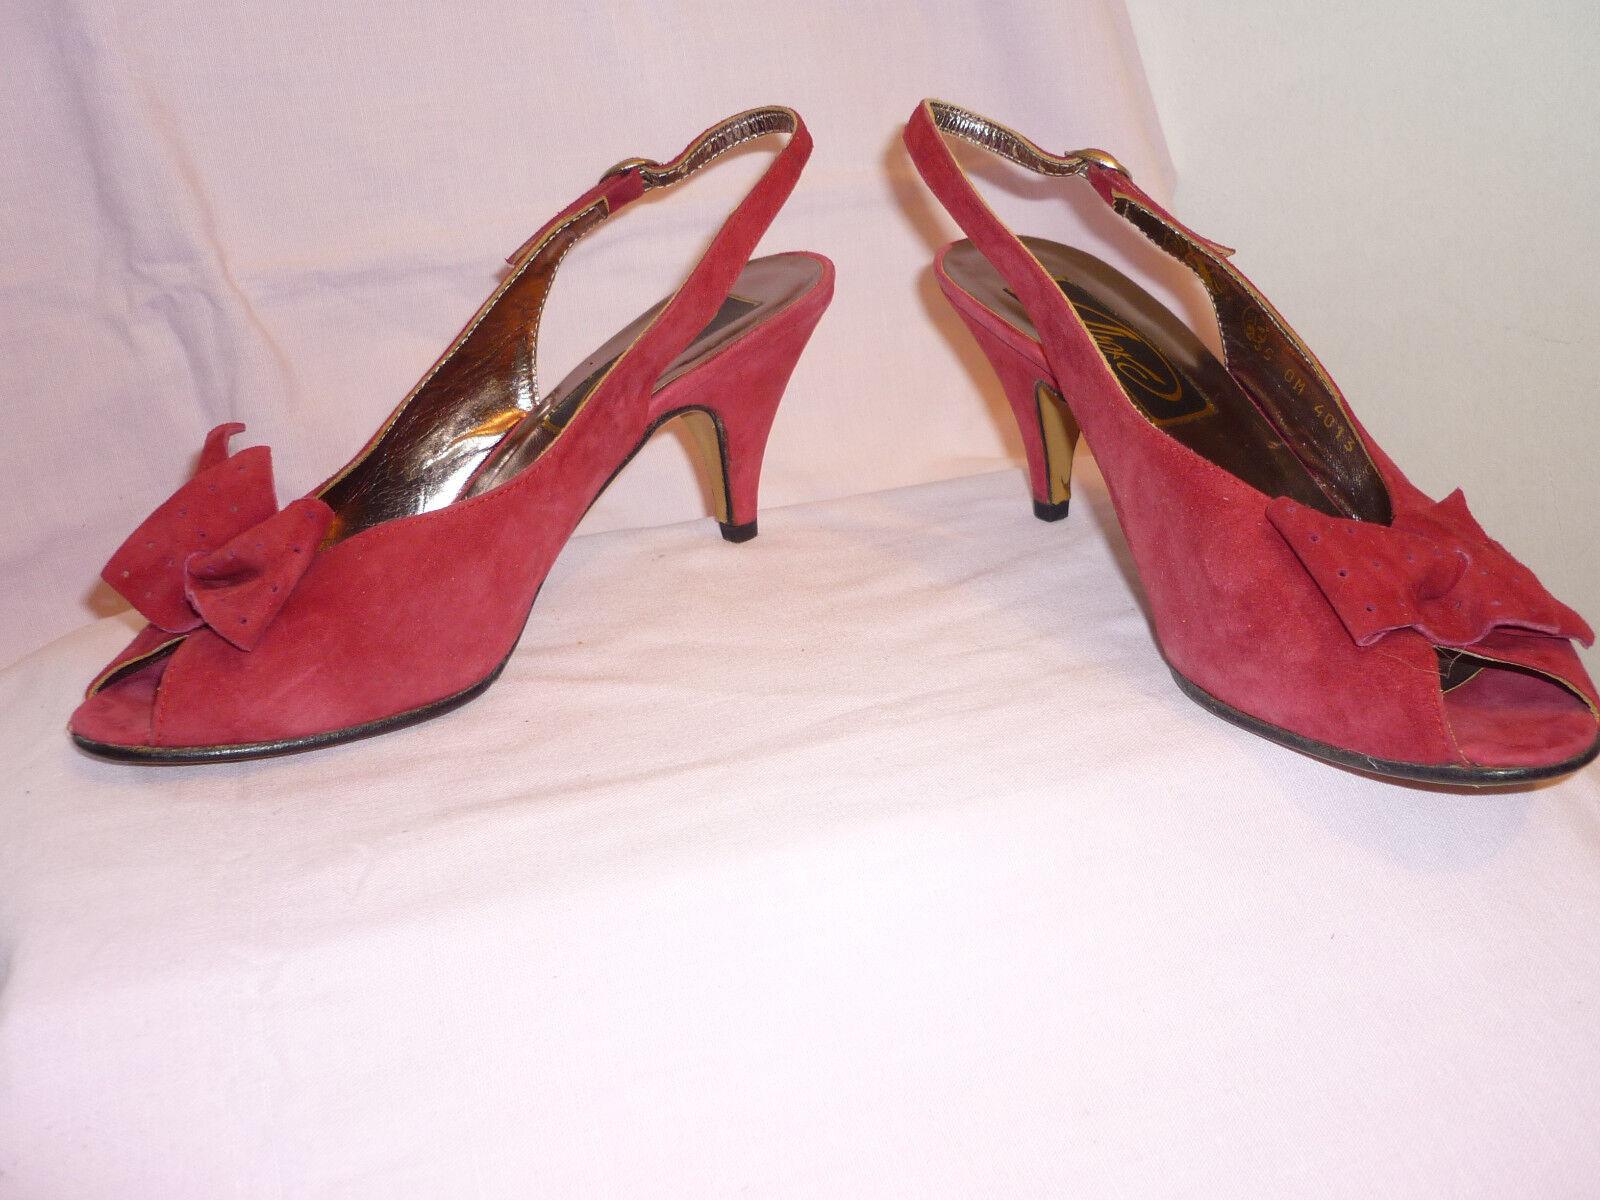 NEU! Lux-wein-rot Sandalette Samt-Leder Gr.36,5-37(23,5) Abs.7